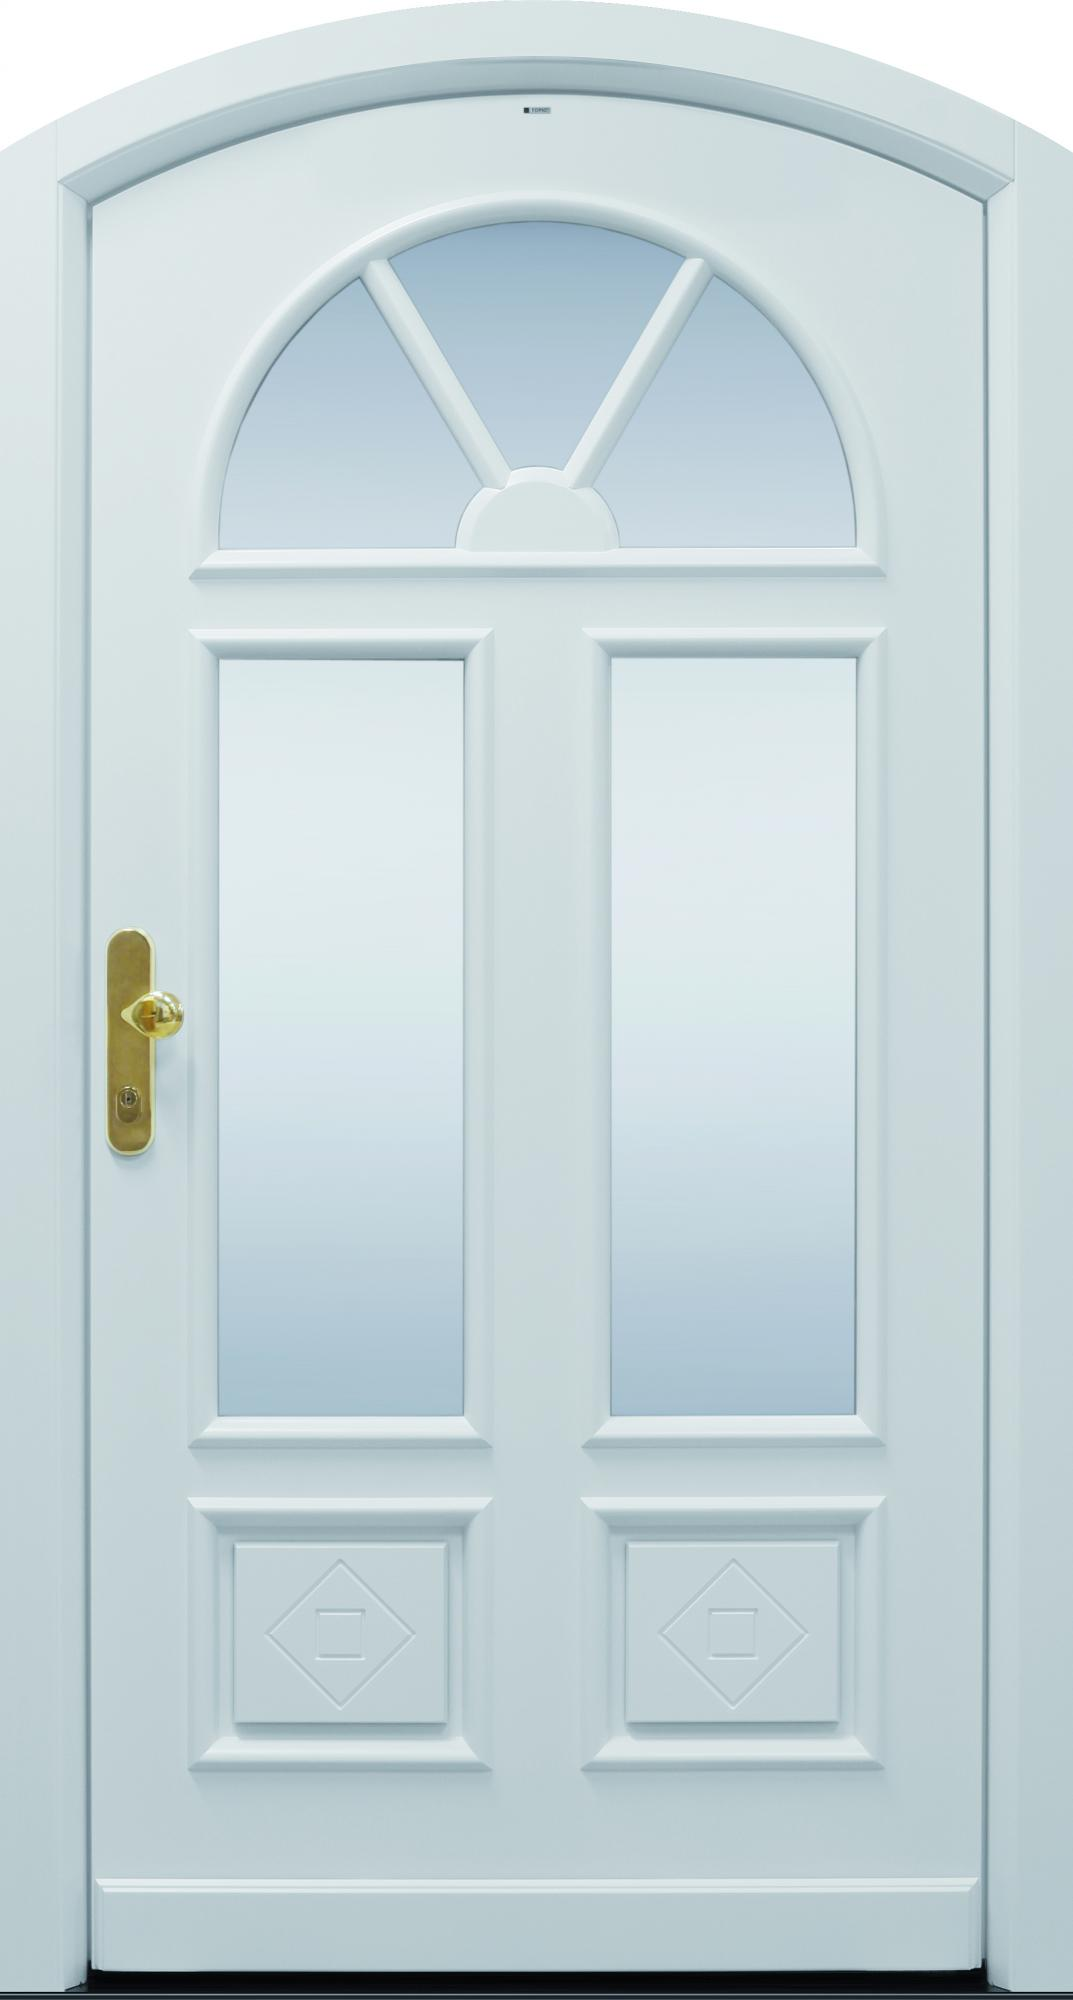 Haustür landhaus braun  TOPIC - Haustüren von Meisterhand TOPIC - die Türenmanufaktur